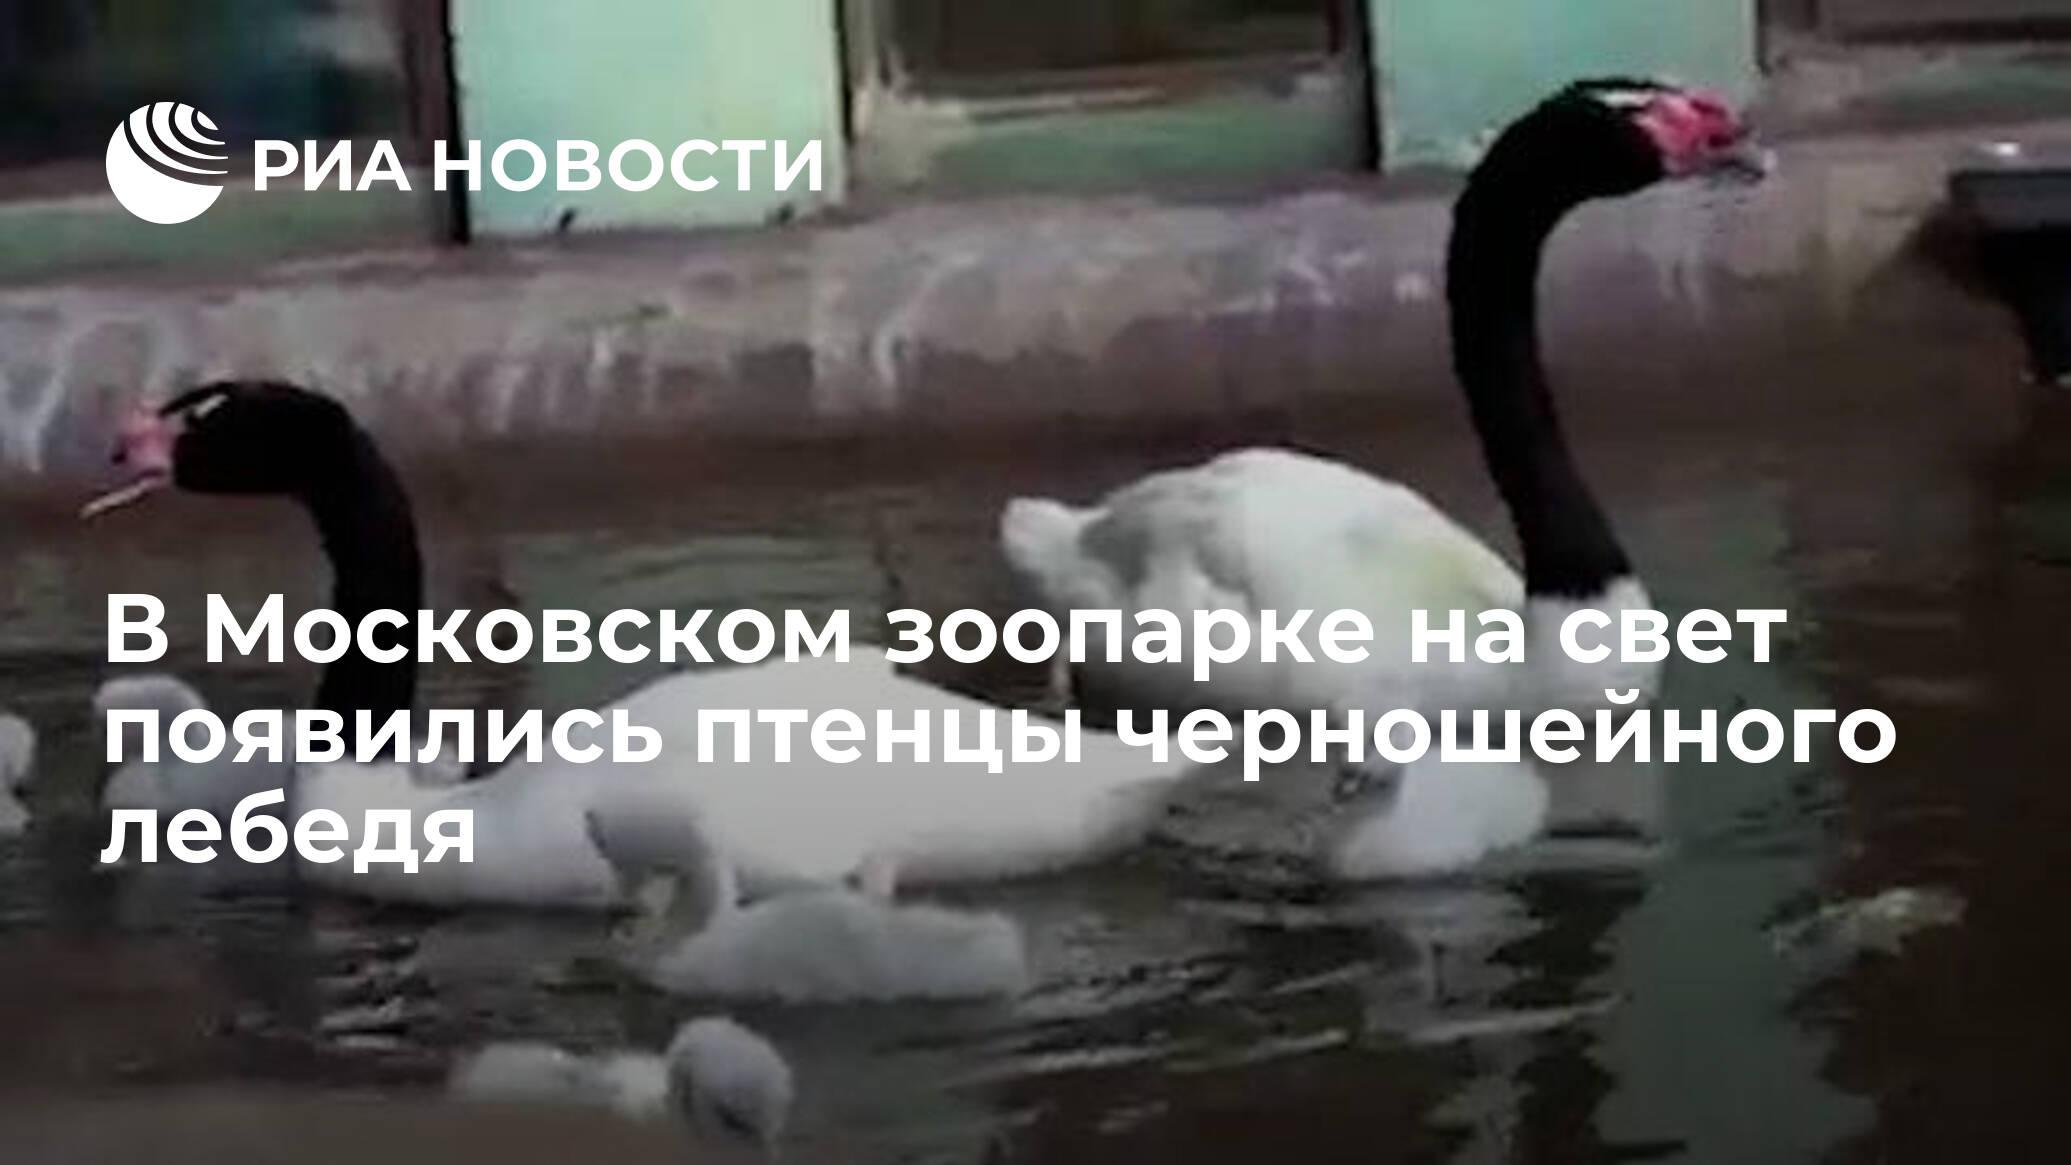 В Московском зоопарке на свет появились птенцы черношейного лебедя